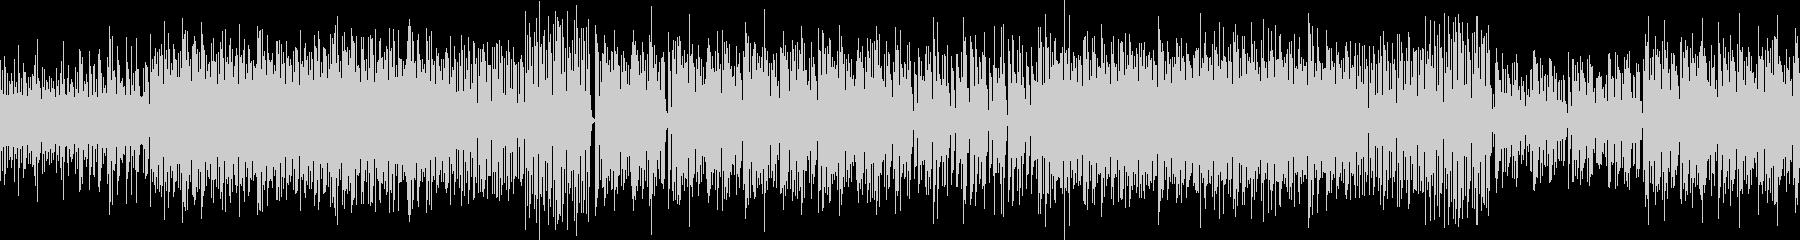 レトロゲームをイメージ 電子音 ループの未再生の波形